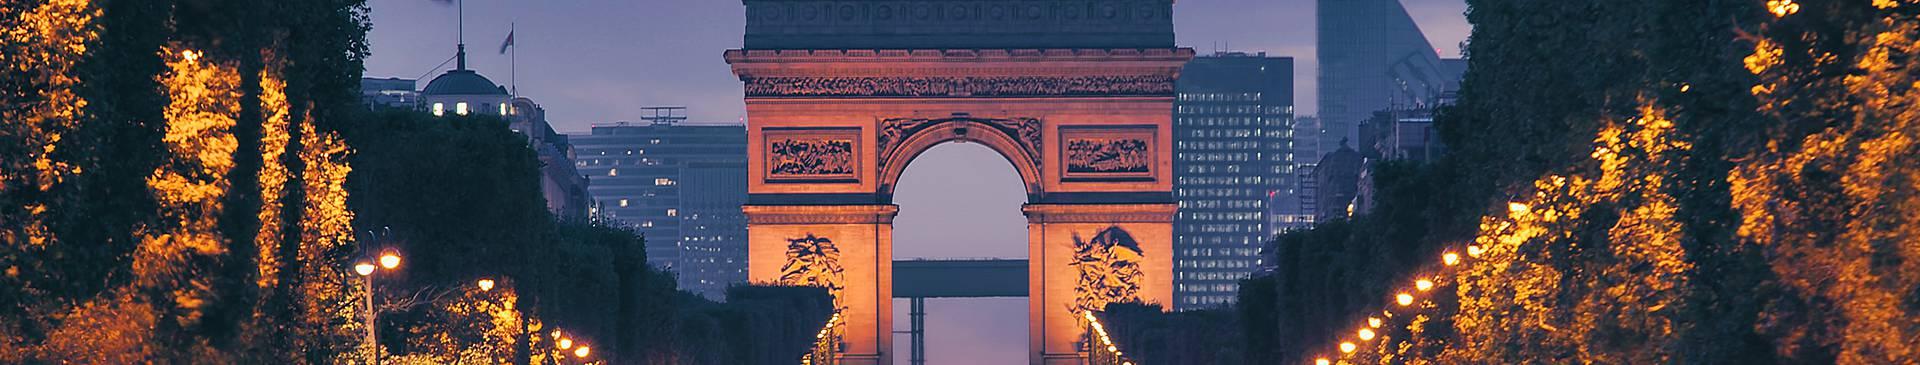 Städtereise Frankreich